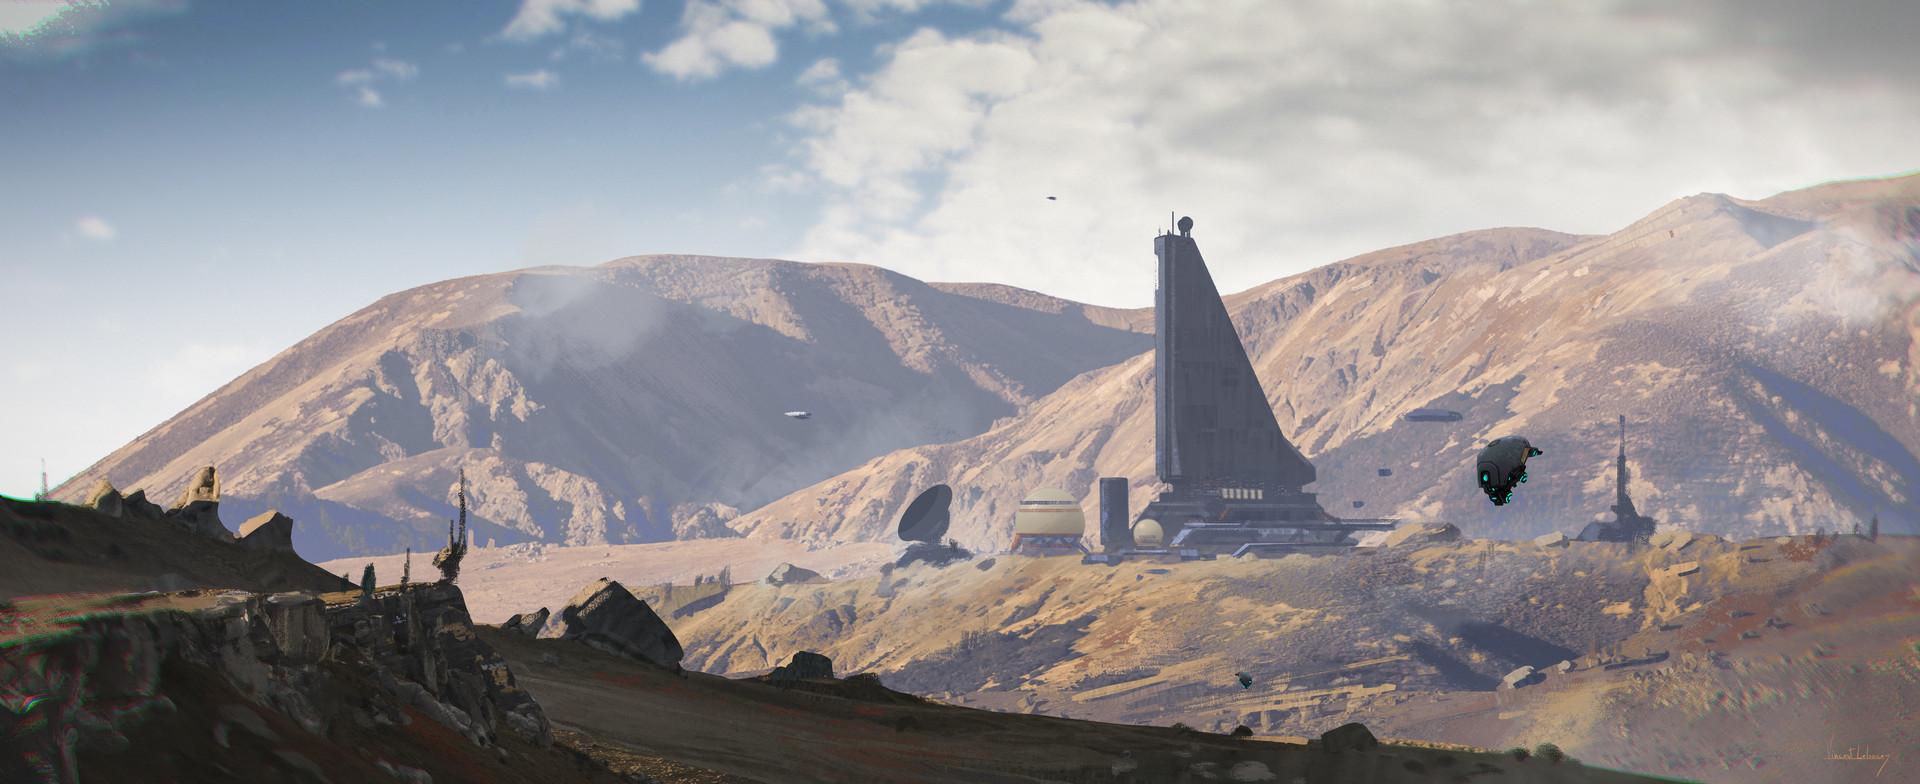 vincent-lebocey-landscape-01.jpg?1537010